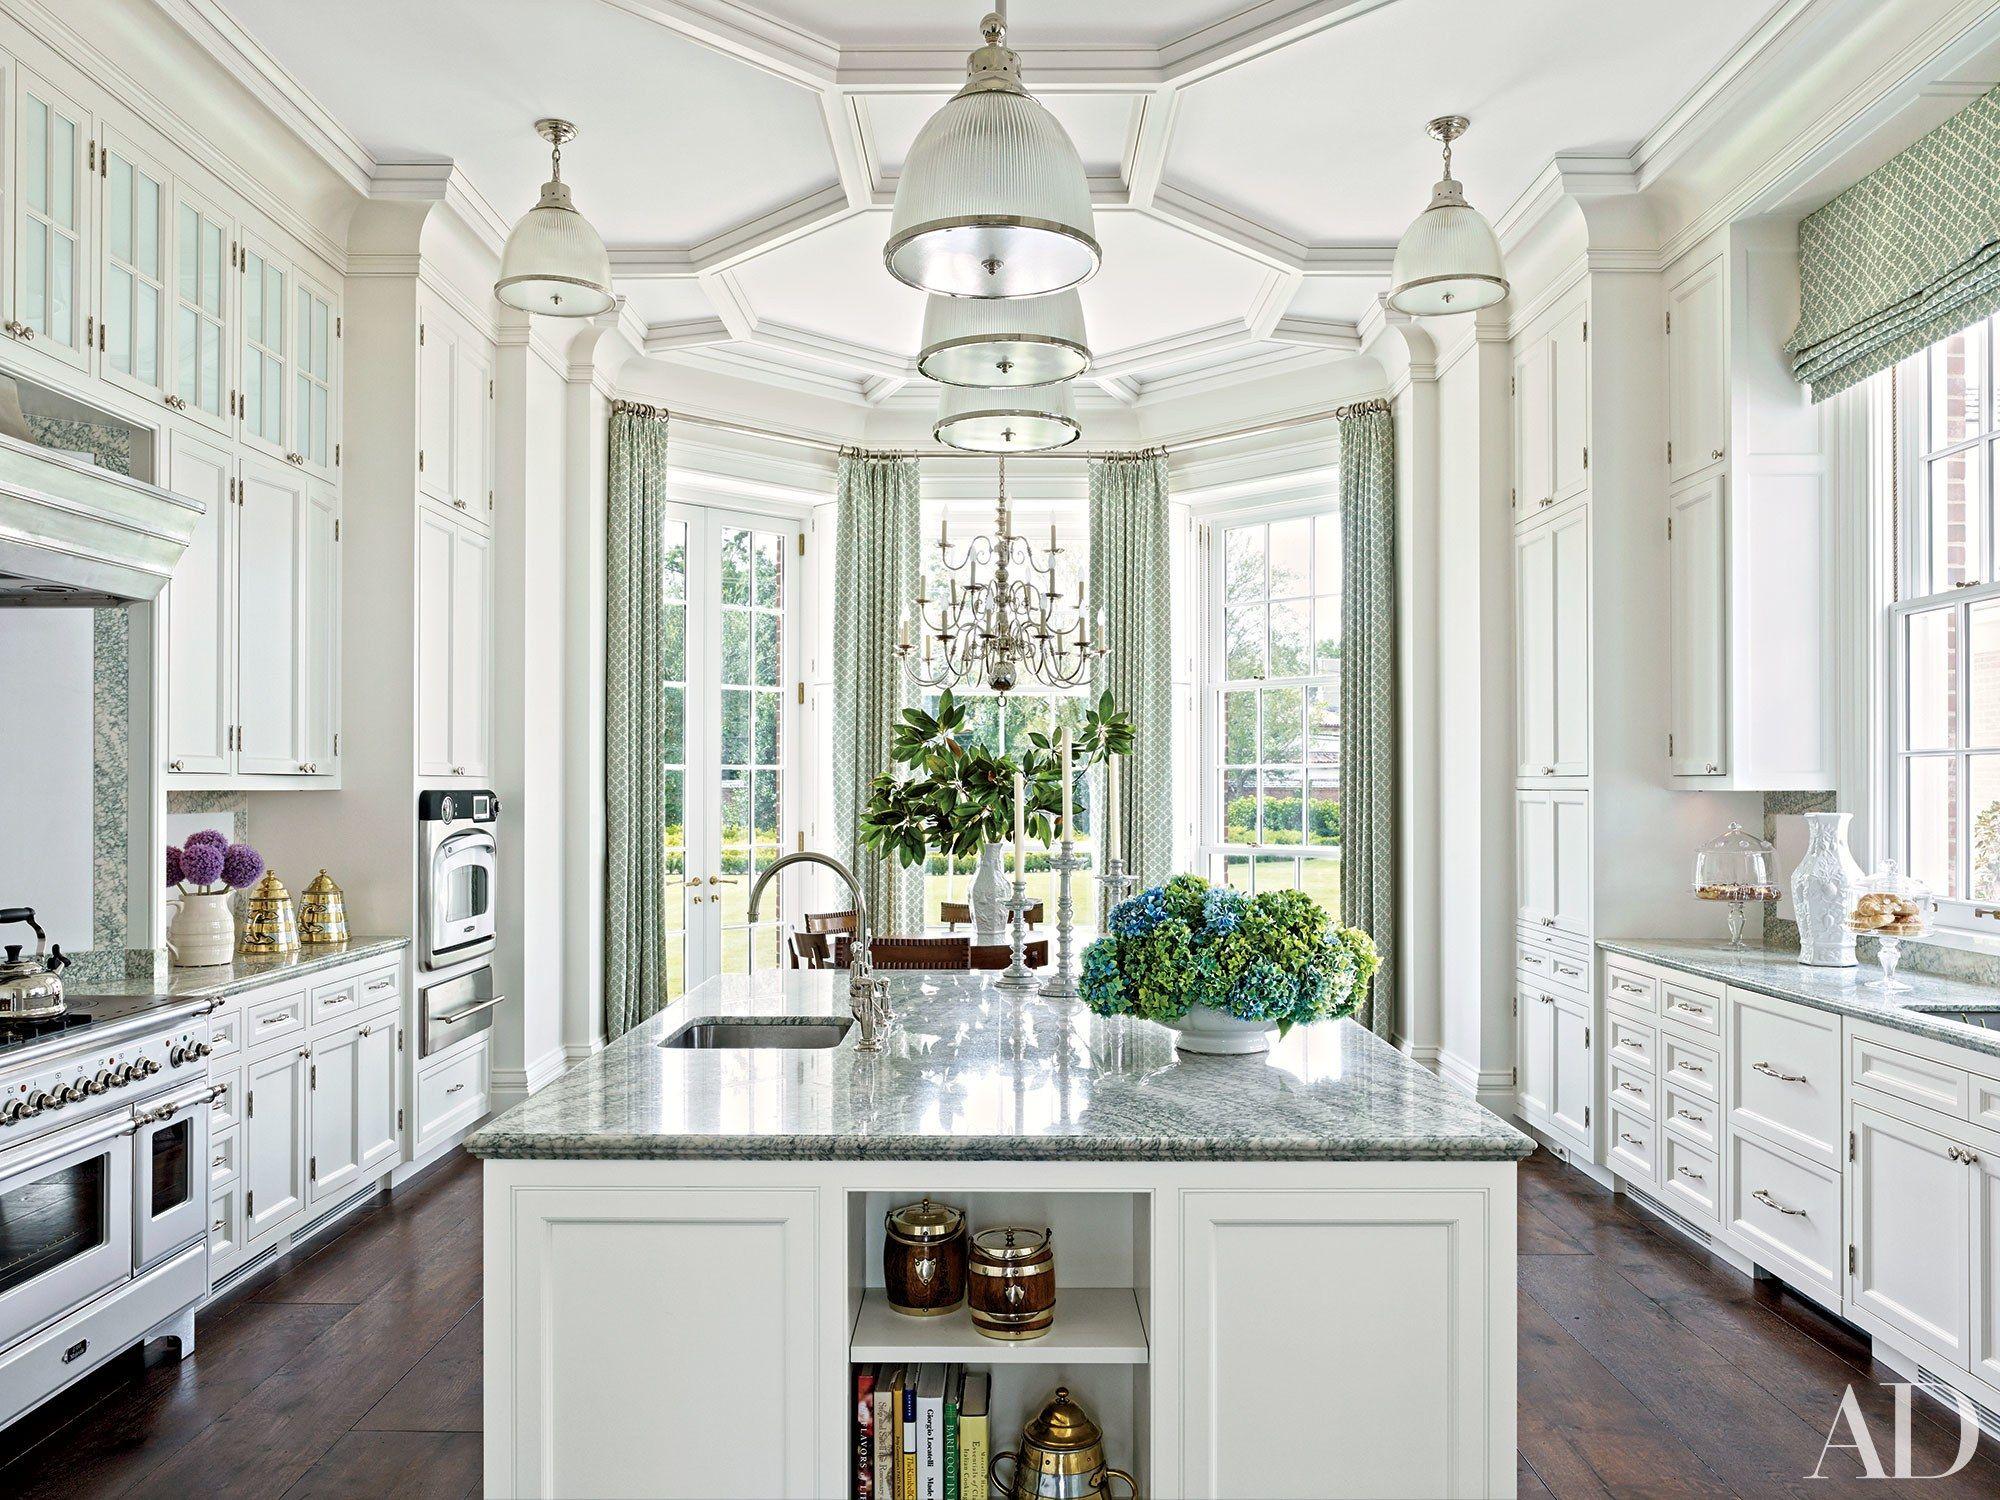 15 stunning traditional kitchens elegant kitchens classic white kitchen interior design kitchen on kitchen interior classic id=13710